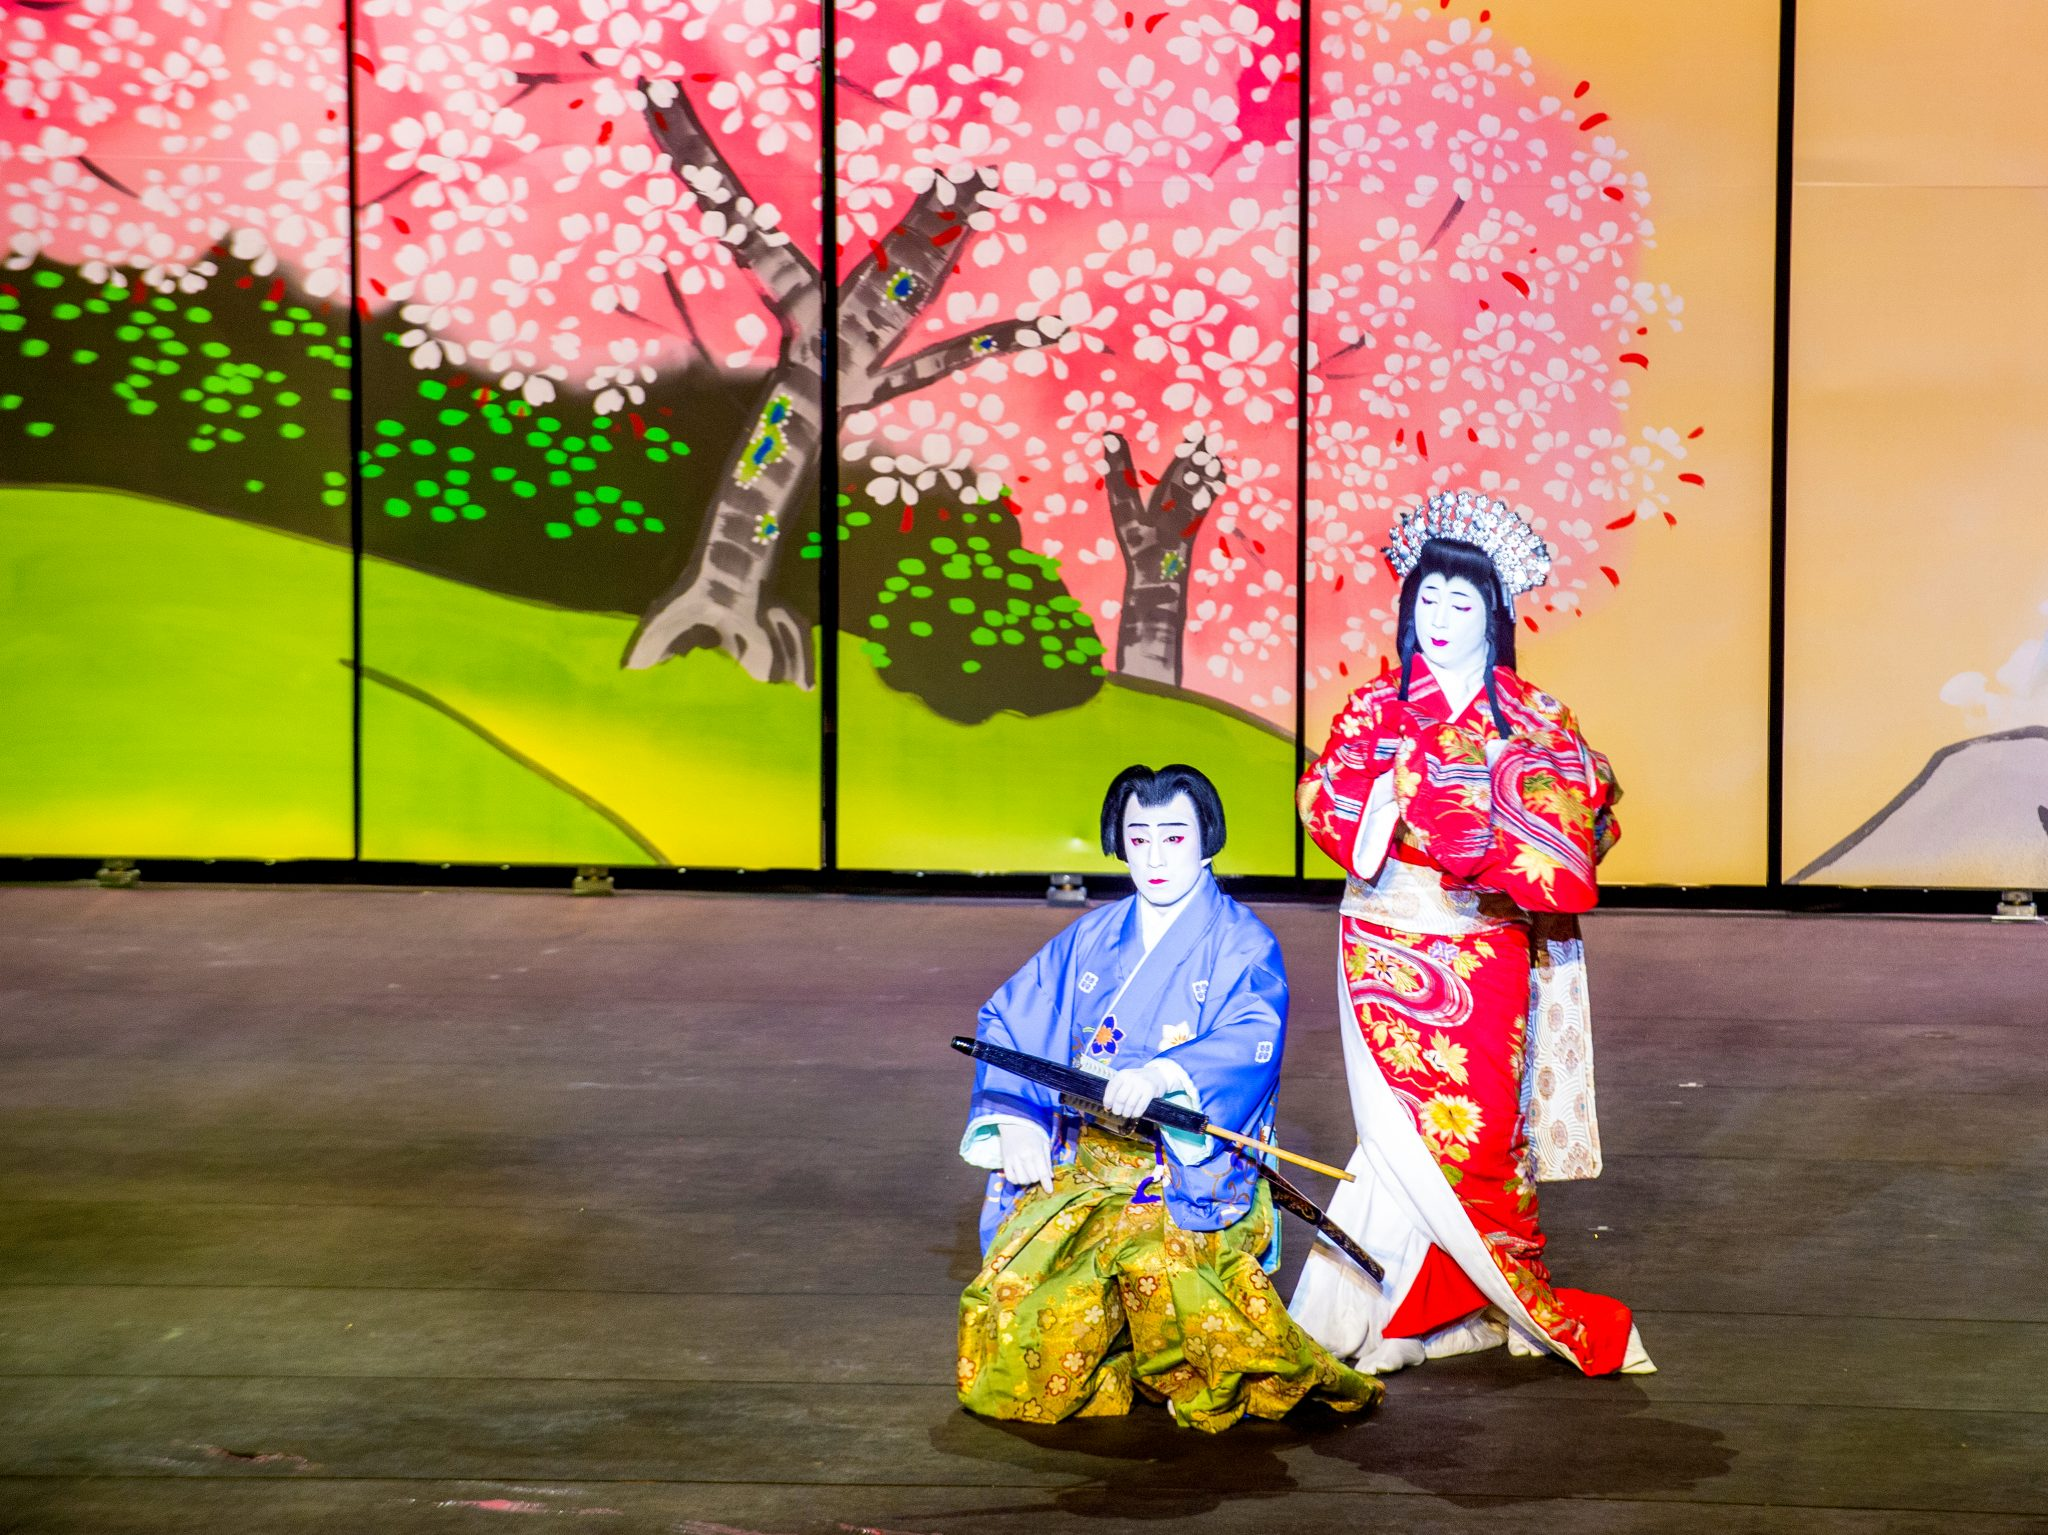 Kabuki di gedung teater Jepang